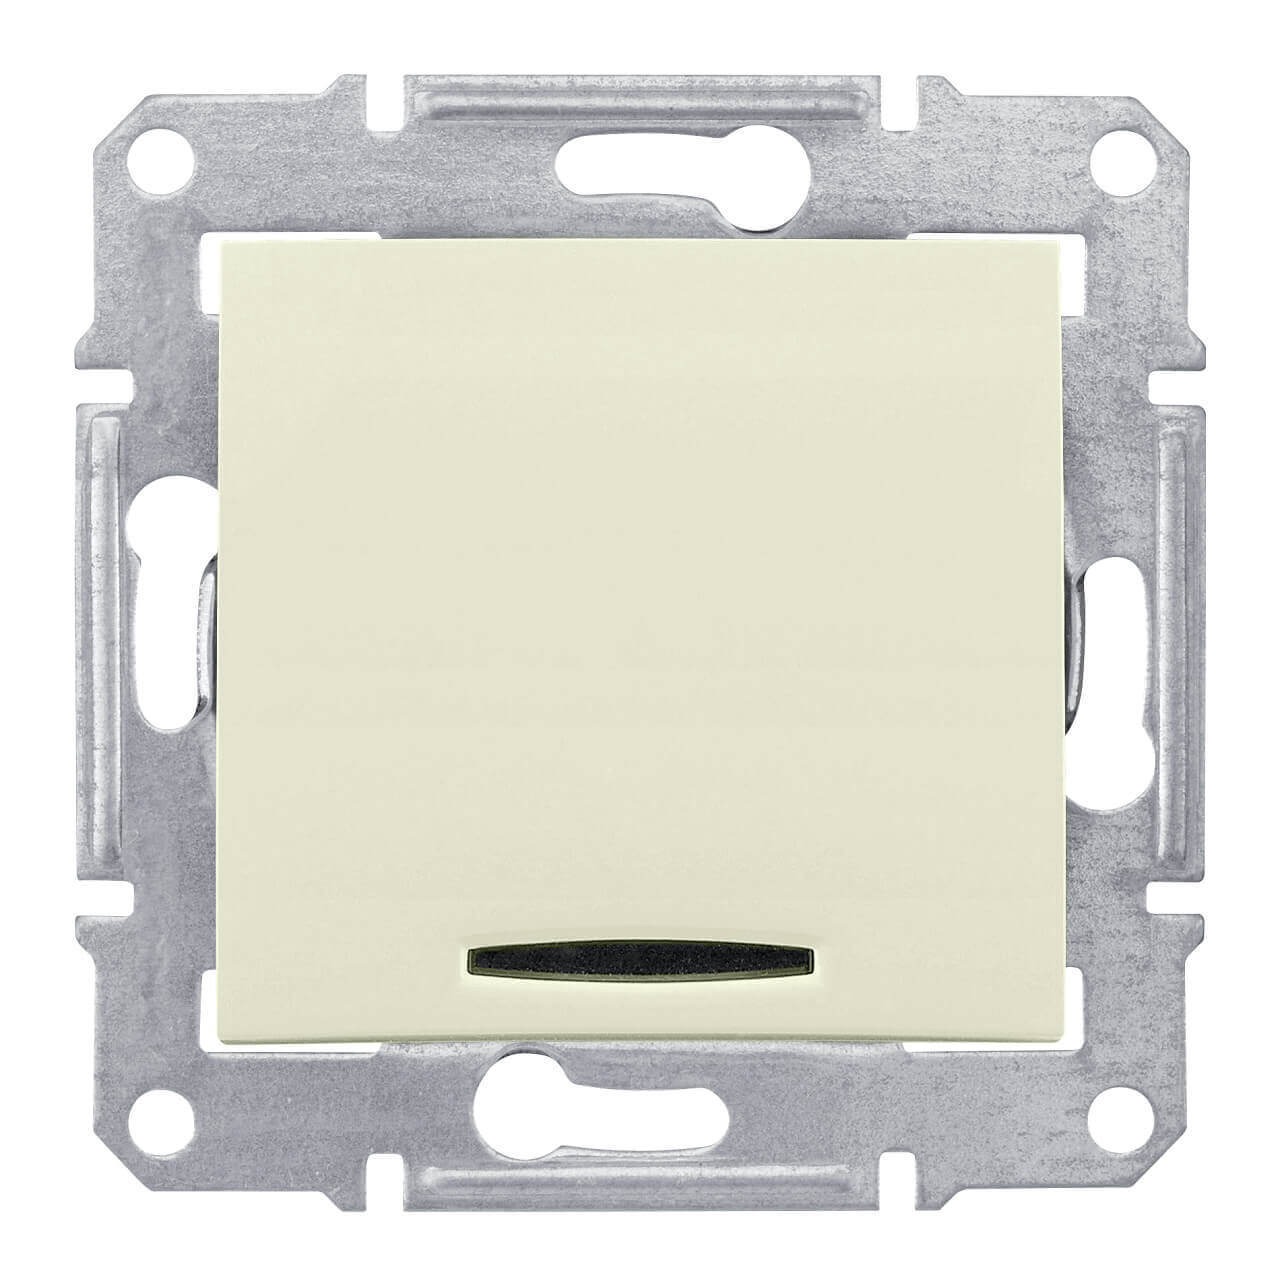 Выключатель Schneider Electric SDN1500147 Sedna переключатель одноклавишный schneider electric sedna 10a 250v sdn0400170